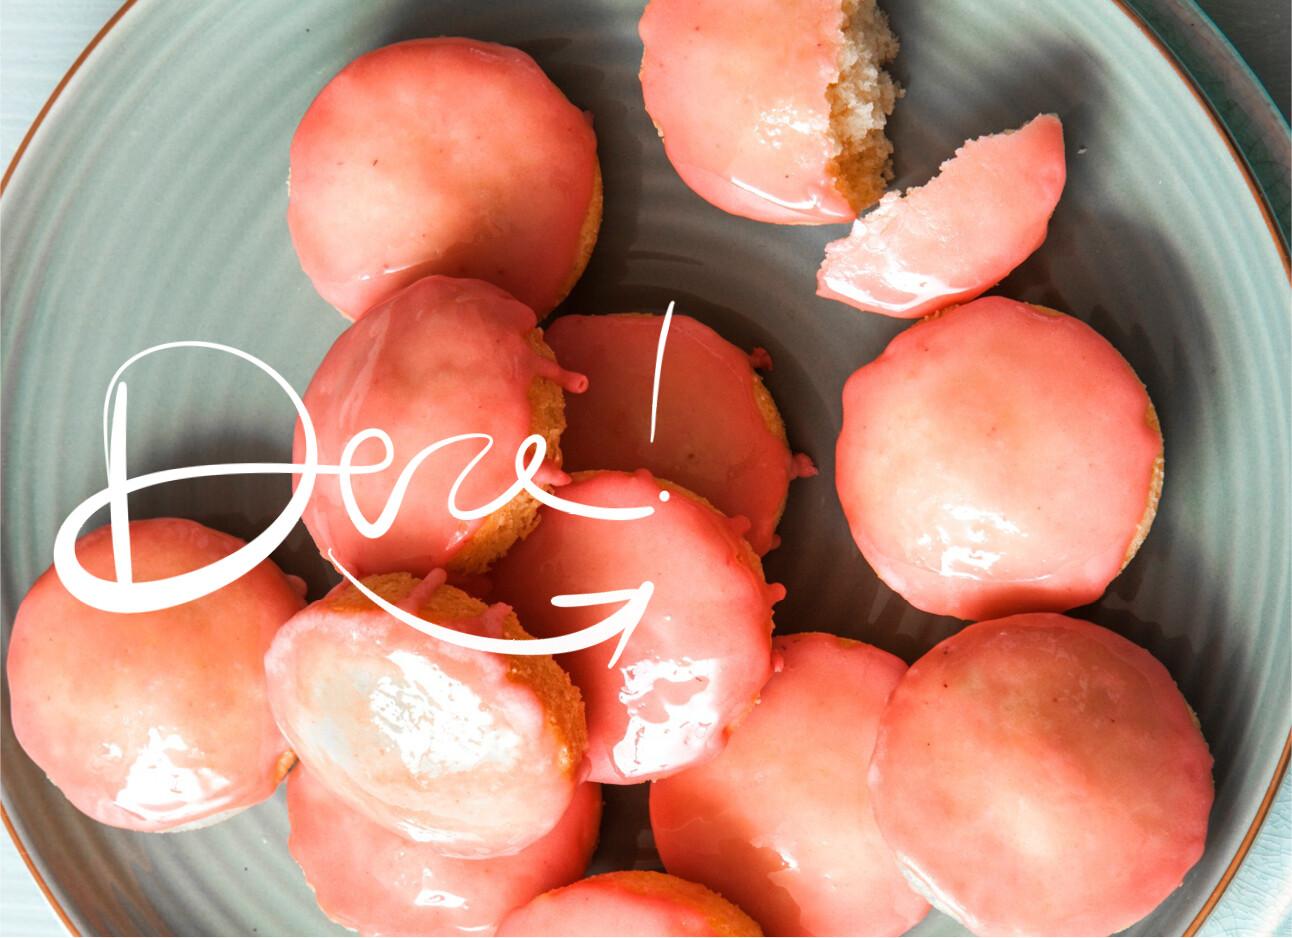 homemade roze koeken